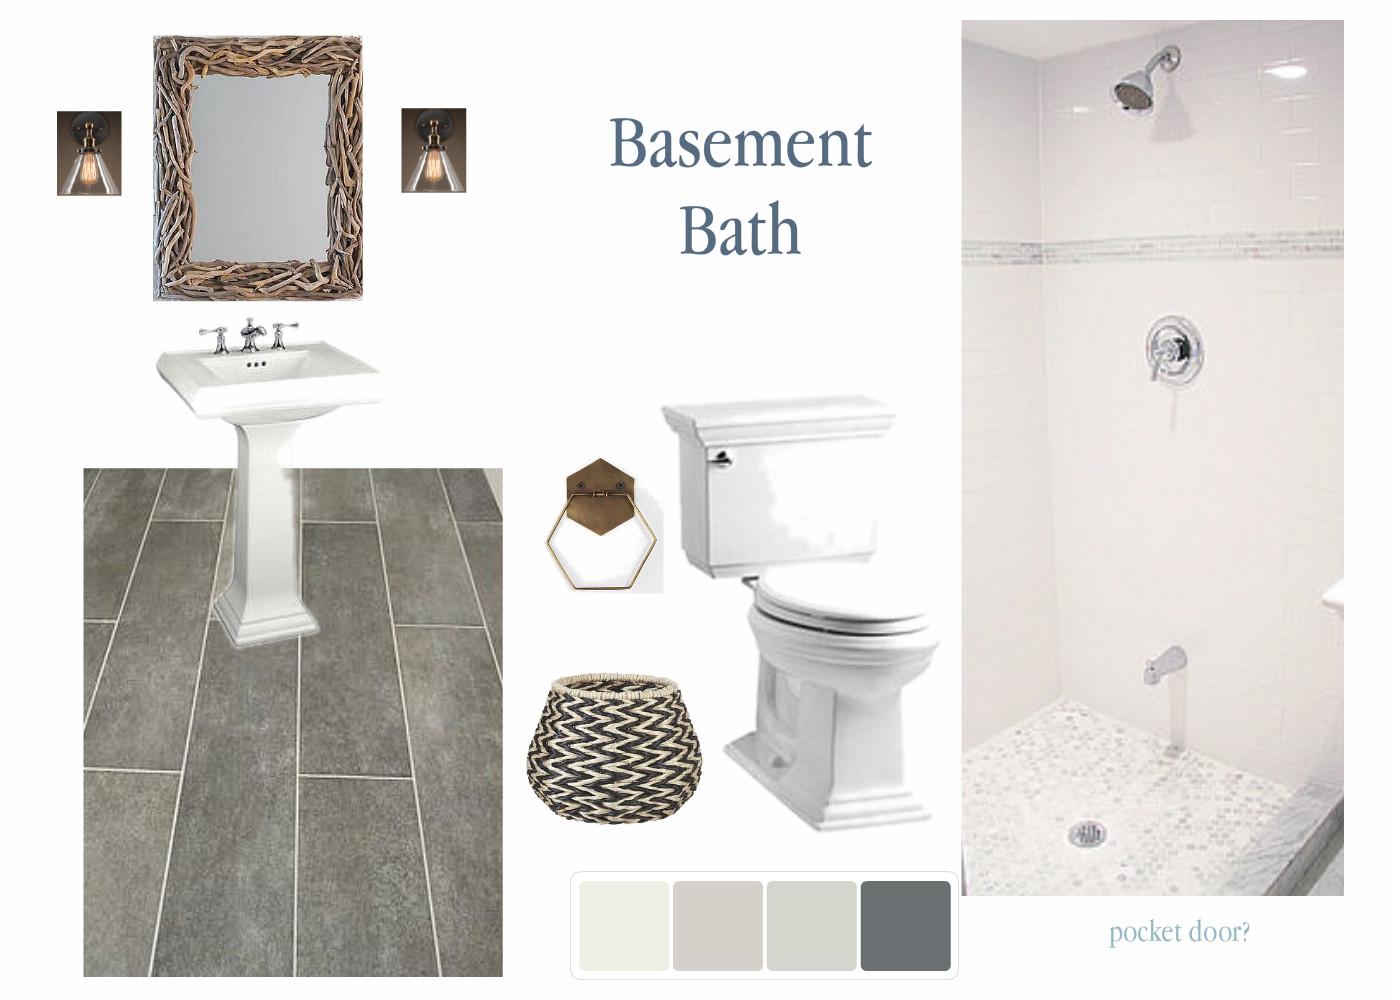 OB-wilson Basement Bath v2jpg